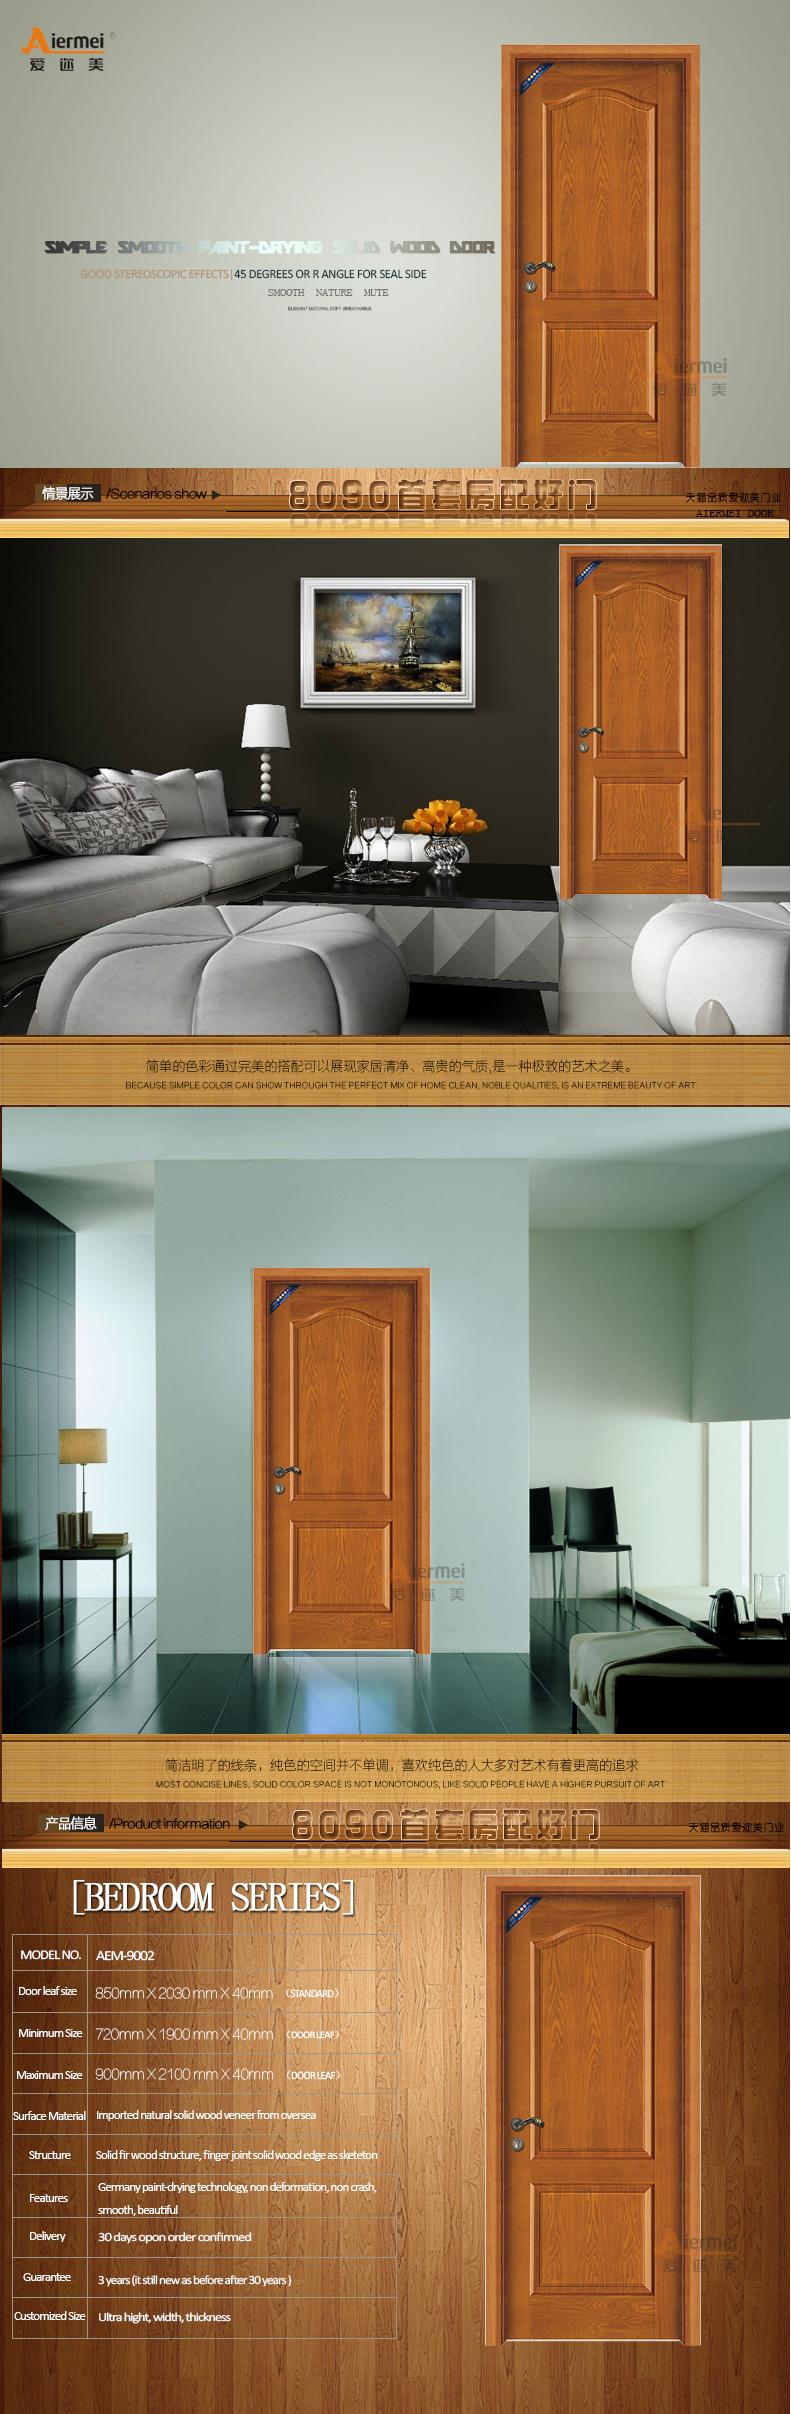 hotel bedroom door designs simple teak wood door models buy teak hotel bedroom door designs simple teak wood door models